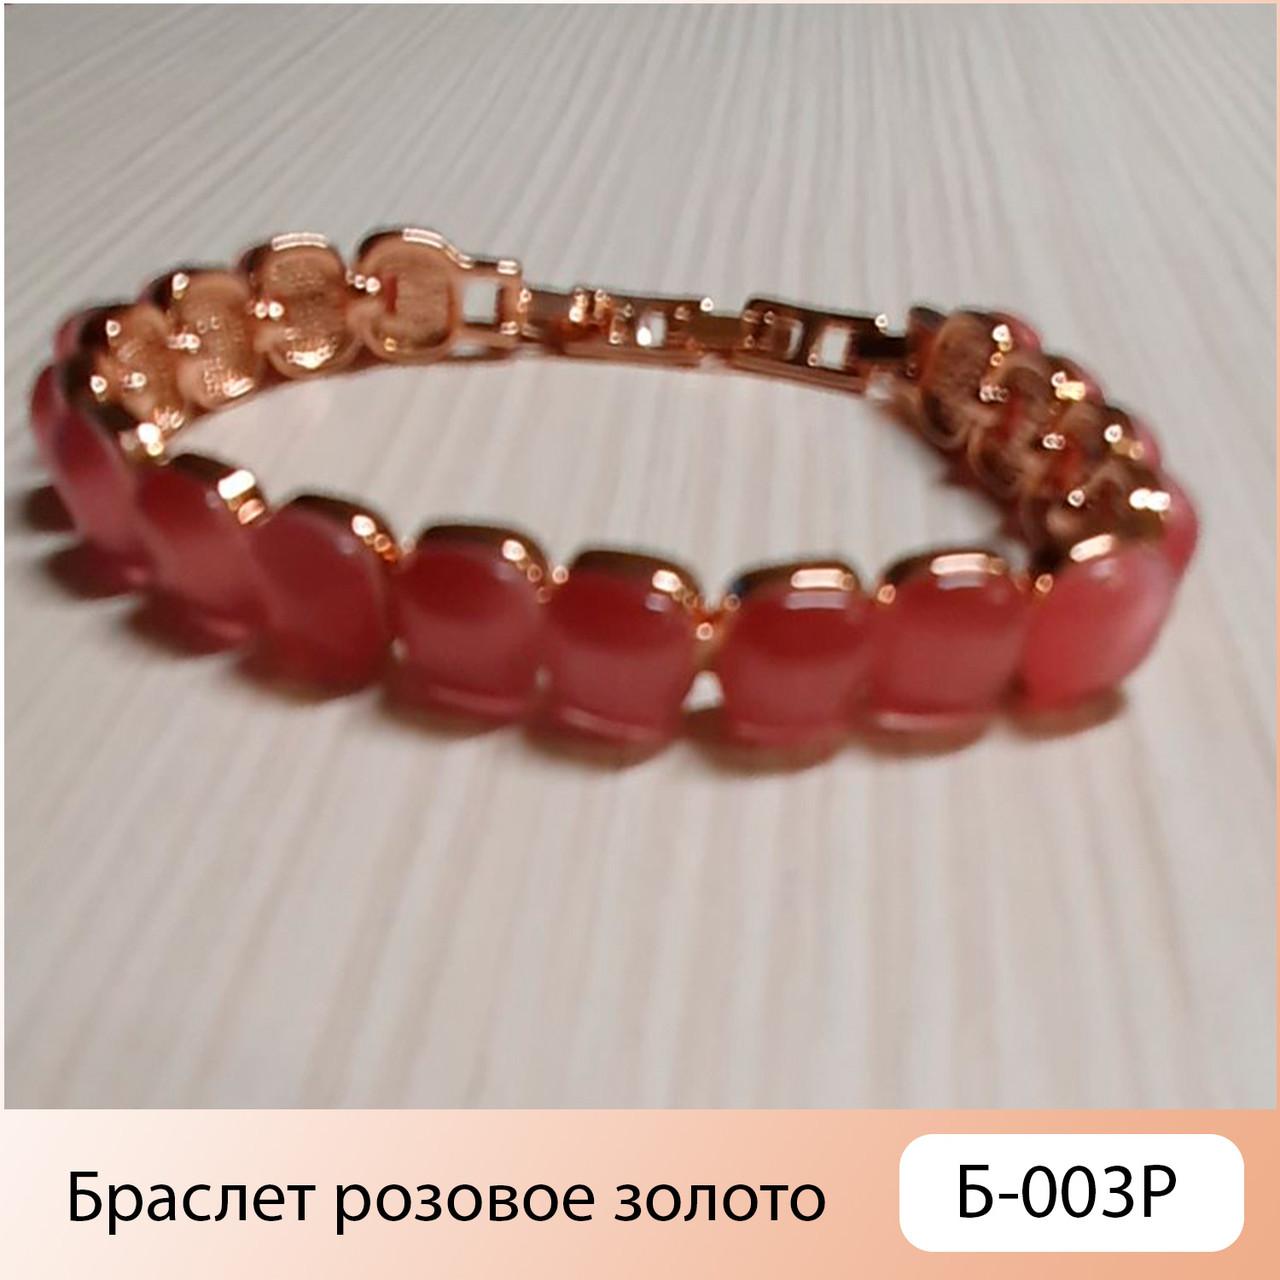 Браслет Розовое золото Б-003Р